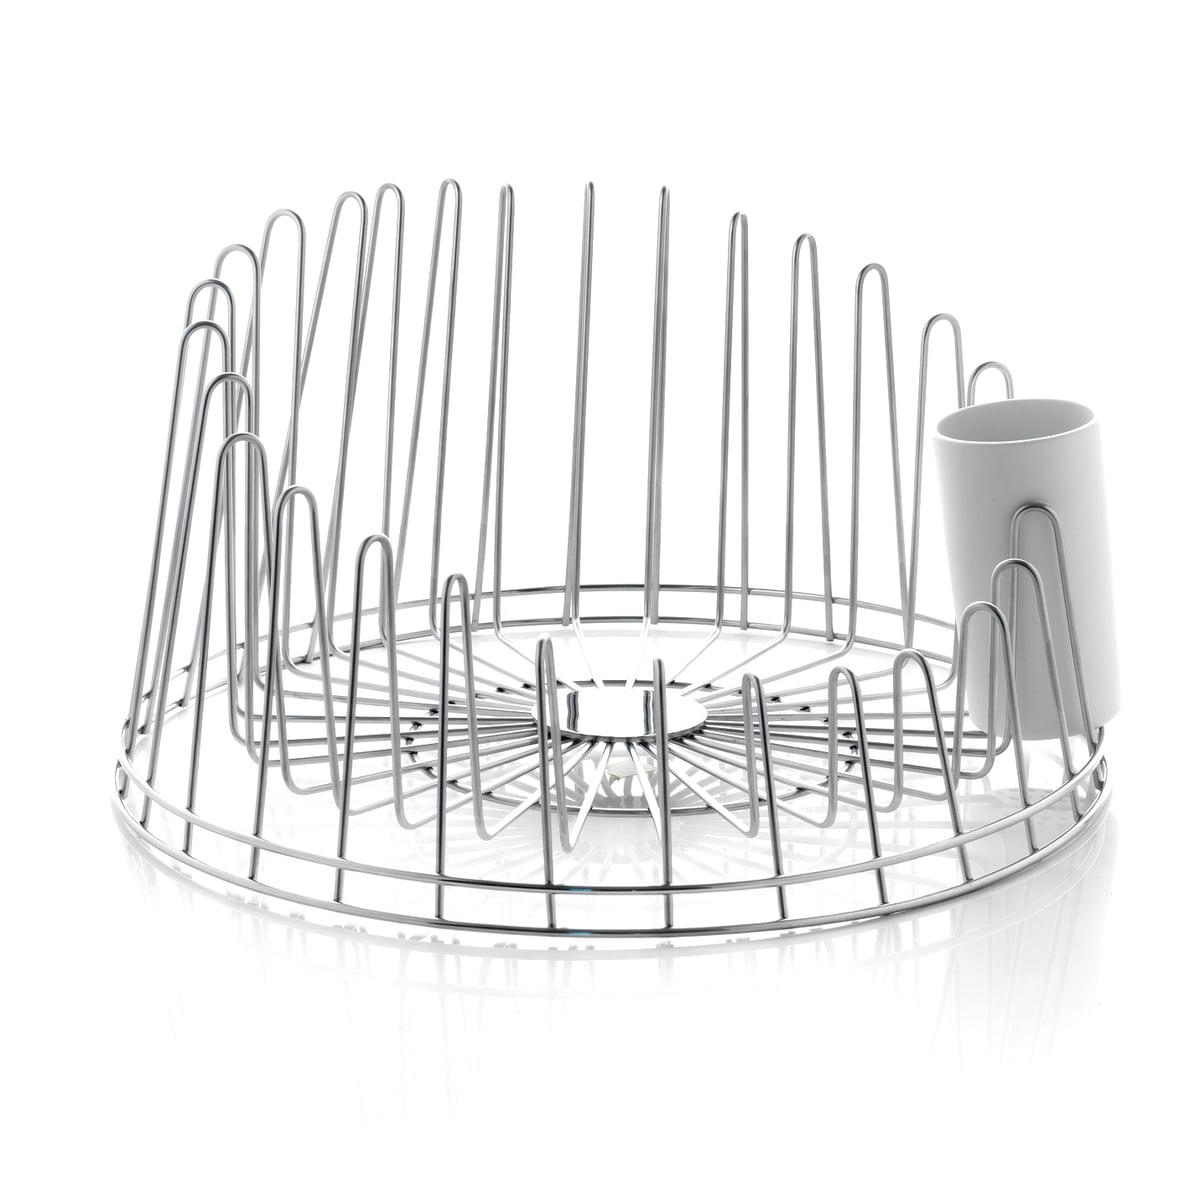 A di Alessi - A Tempo Abtropfgestell | Küche und Esszimmer > Küchen-Zubehör > Halter und Haken | Alessi